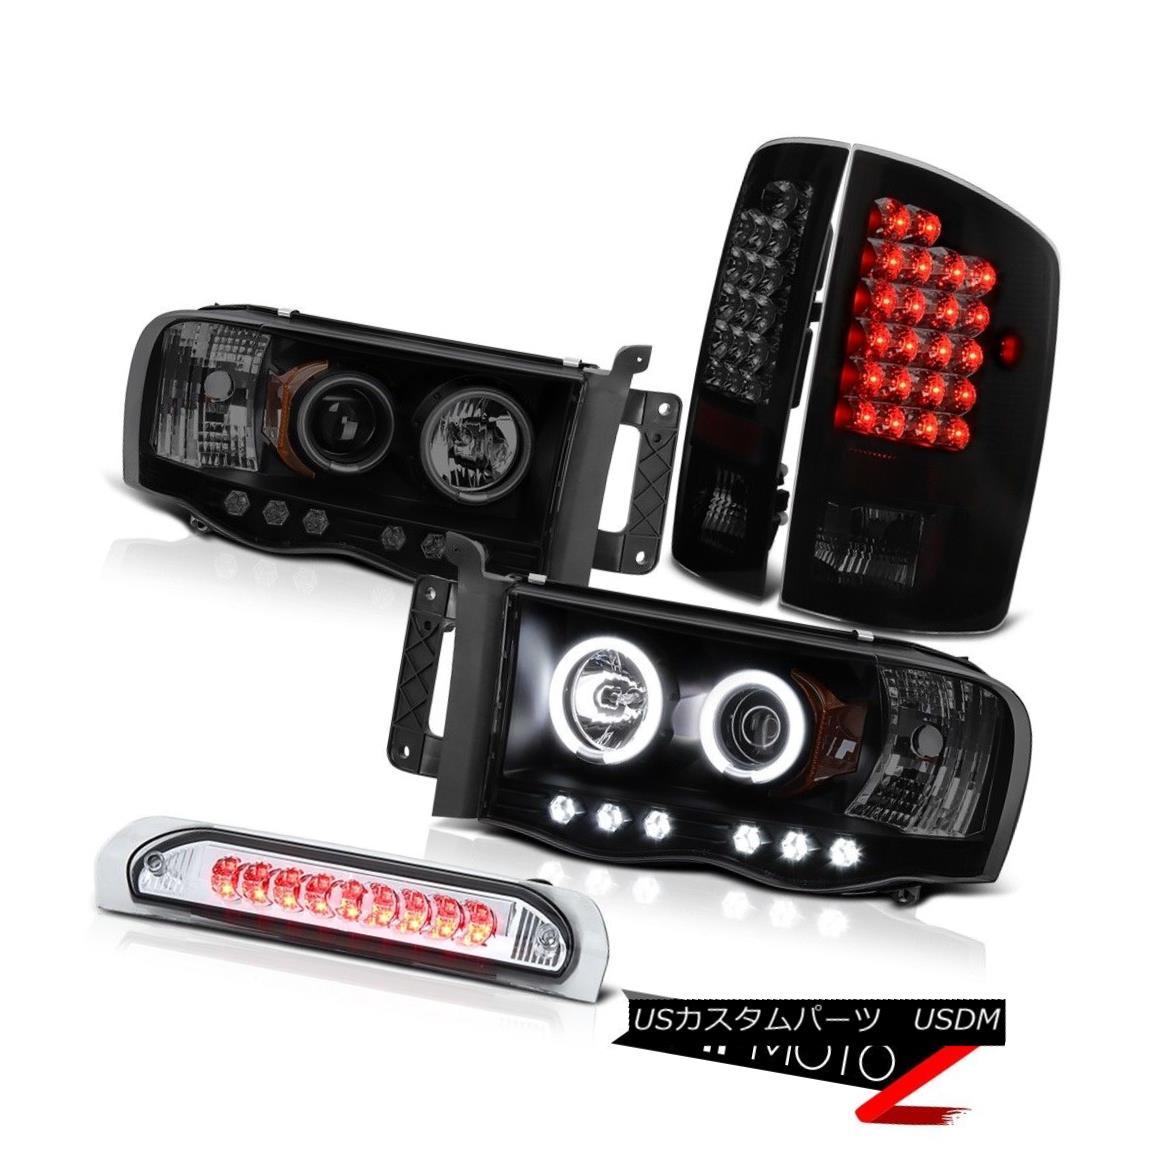 テールライト 2004 2005 Ram PowerTech 4.7L WS Brightest CCFL Halo Headlight Smoke LED Tail Li 2004年2005年Ram PowerTech 4.7L WS最も明るいCCFL HaloヘッドライトスモークLEDテールLi